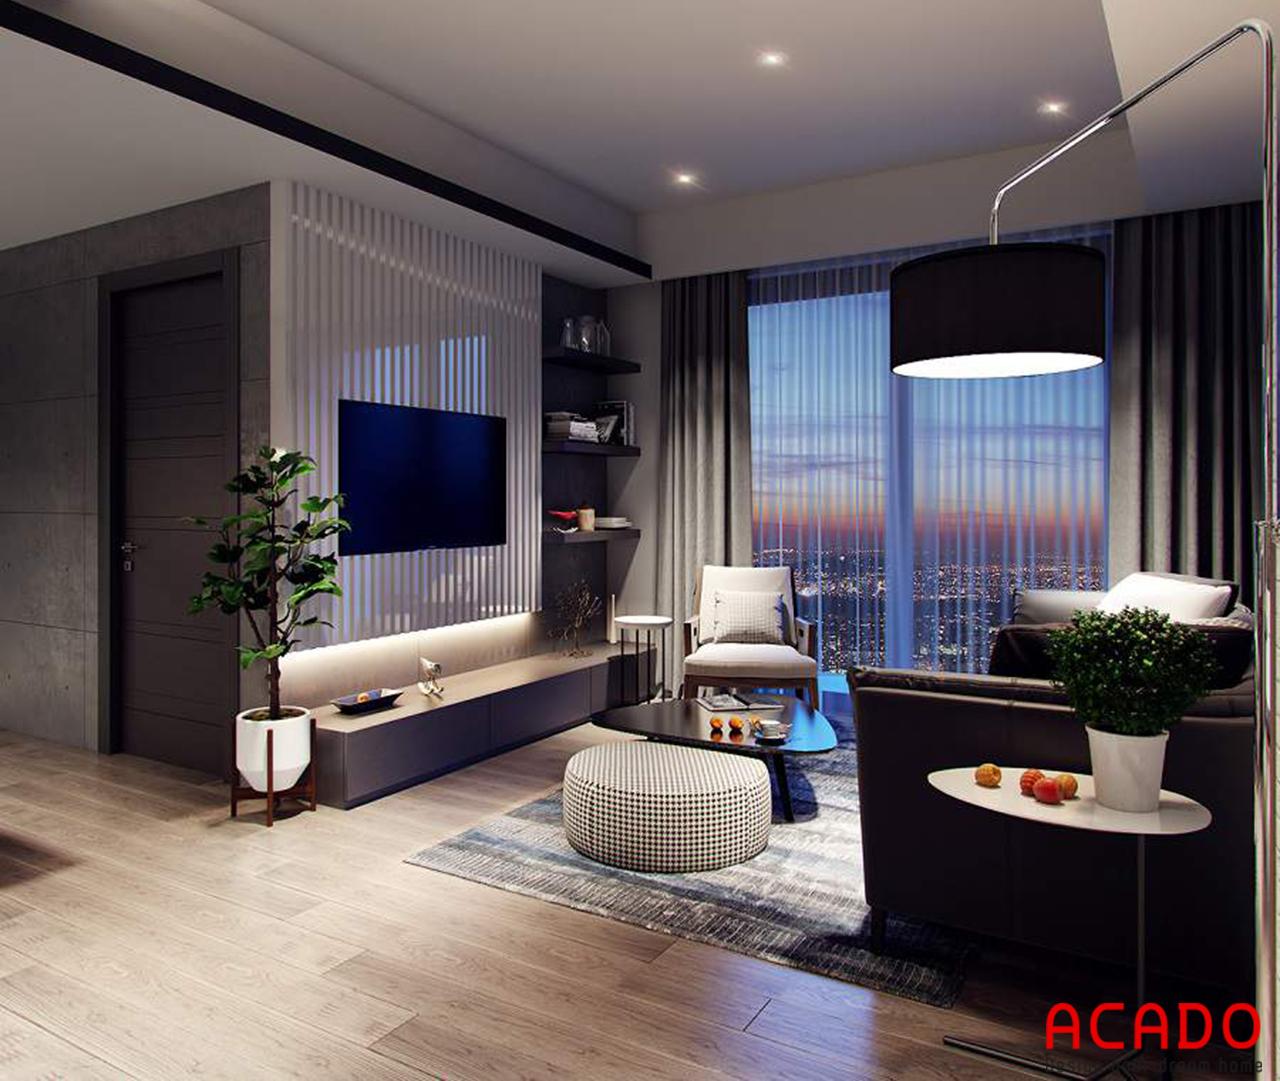 Thiết kế kệ tivi đơn giản để tiết kiệm diện tích không gian